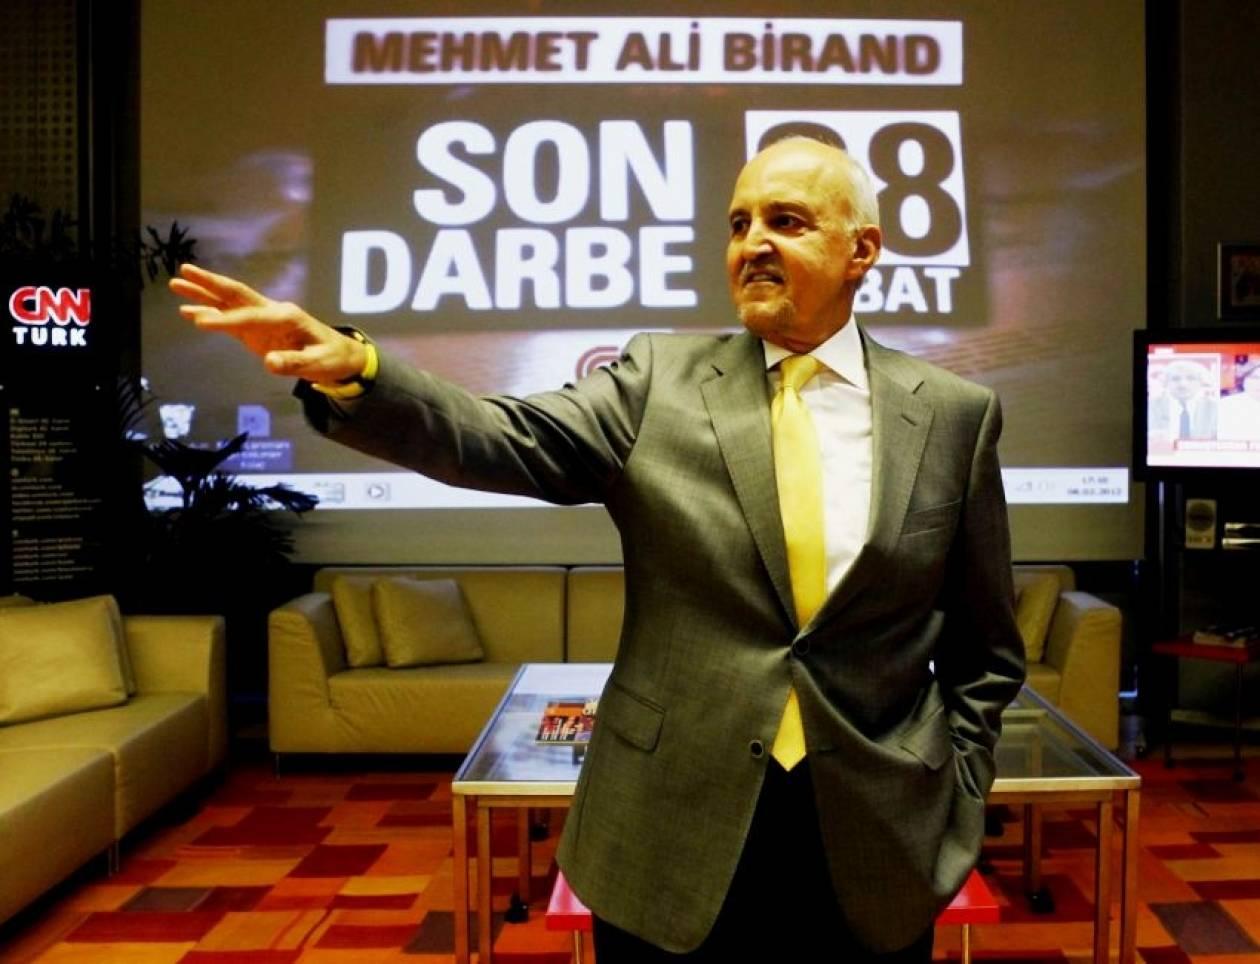 Πέθανε ο Τούρκος δημοσιογράφος Μεχμέτ Αλή Μπιράντ